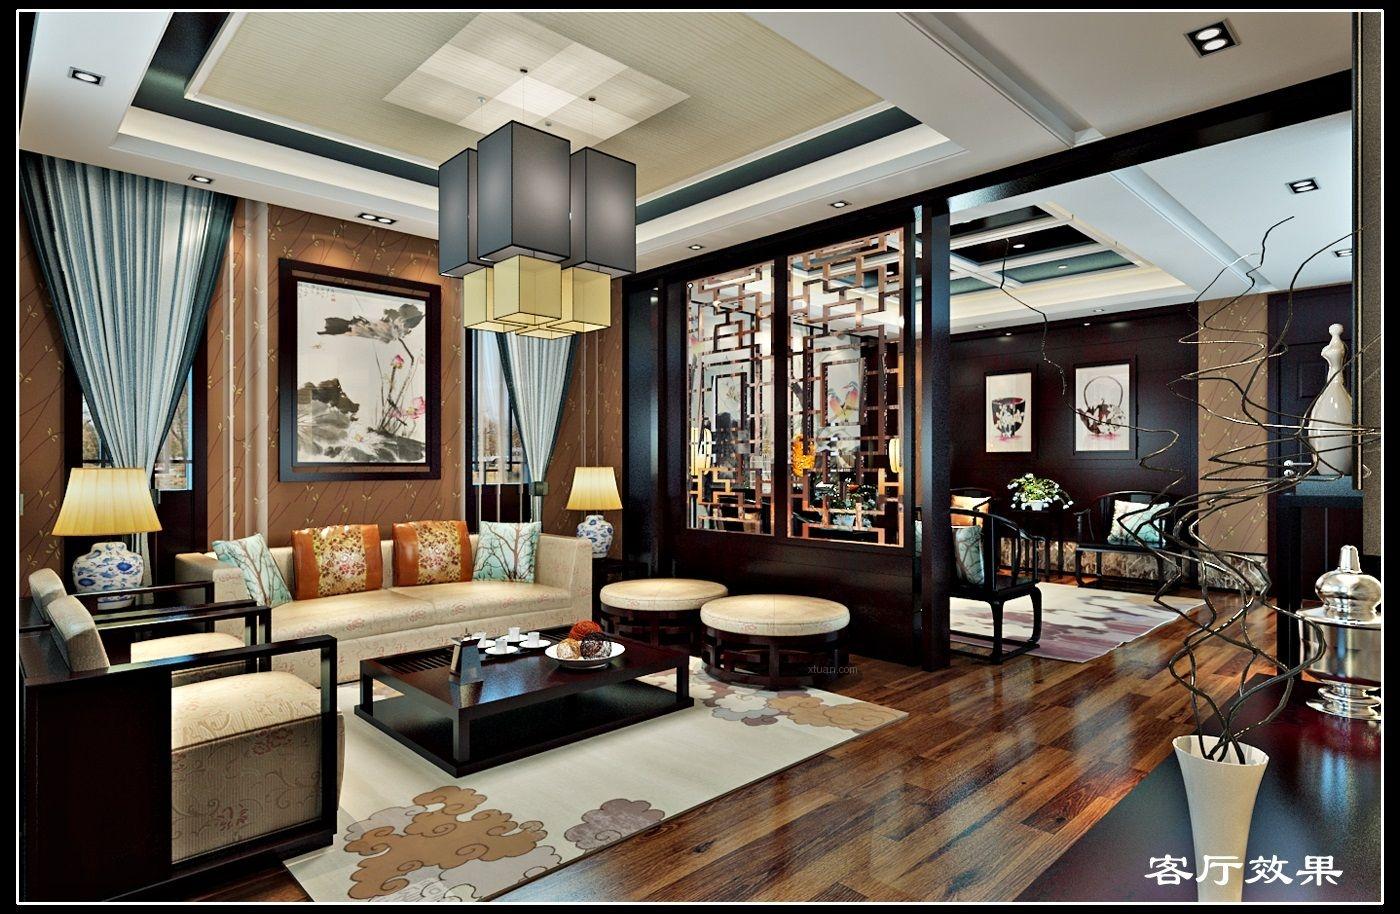 独栋别墅中式风格客厅客厅隔断